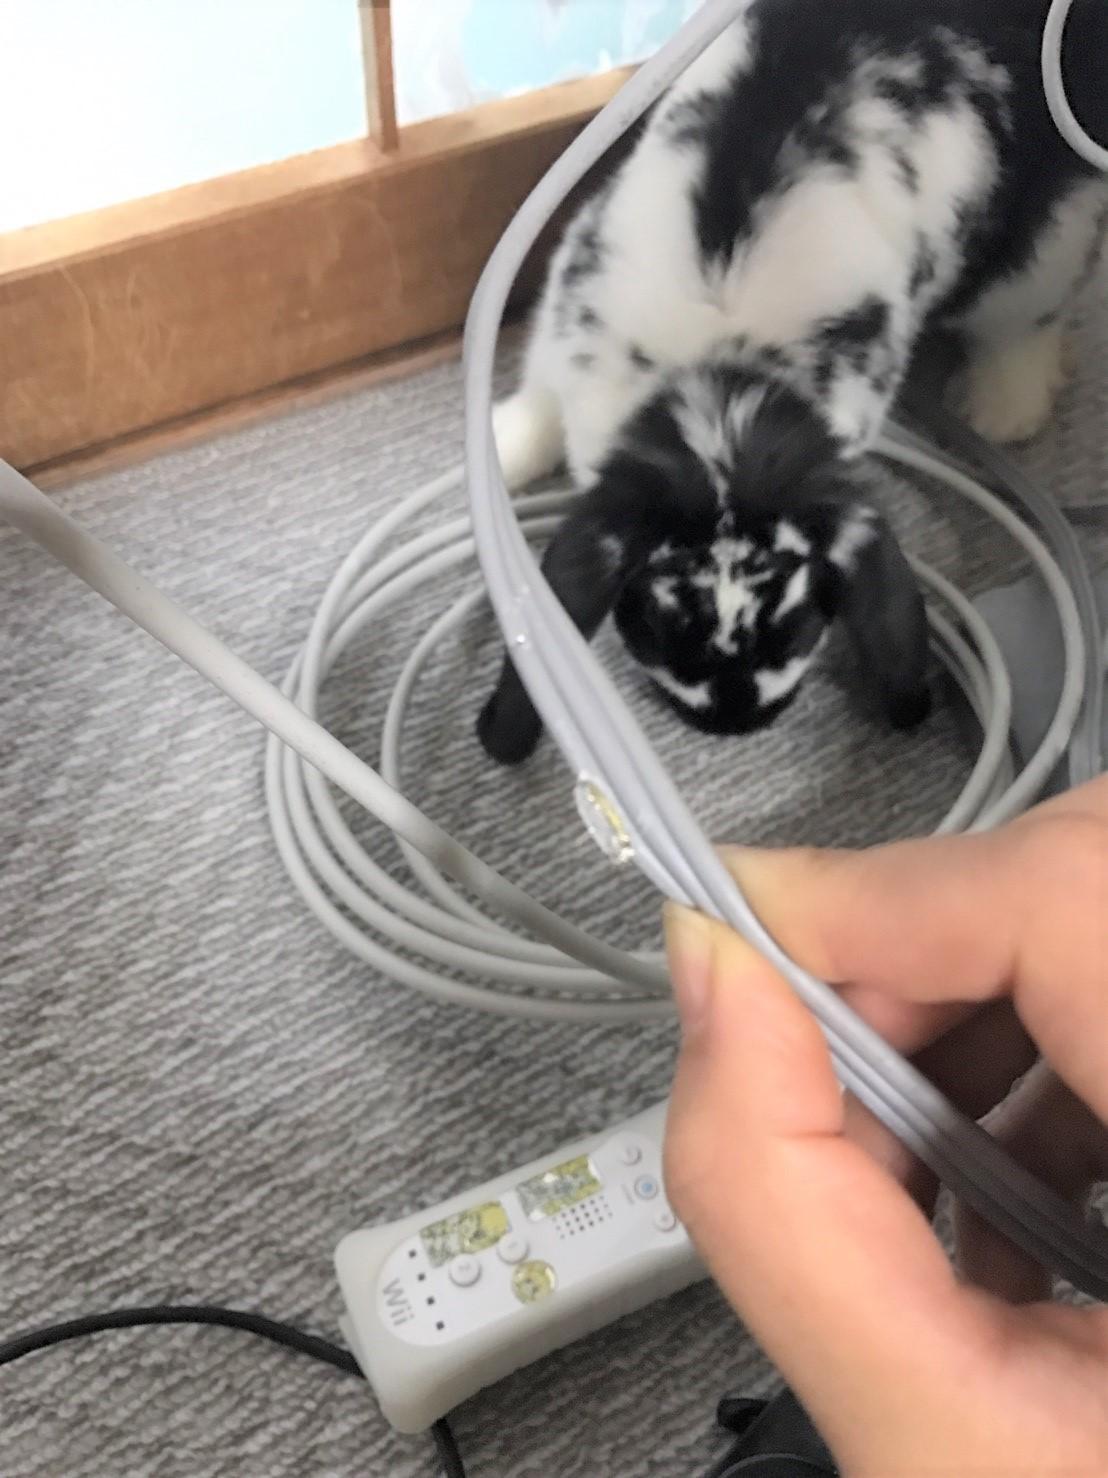 うさぎがコードを噛む